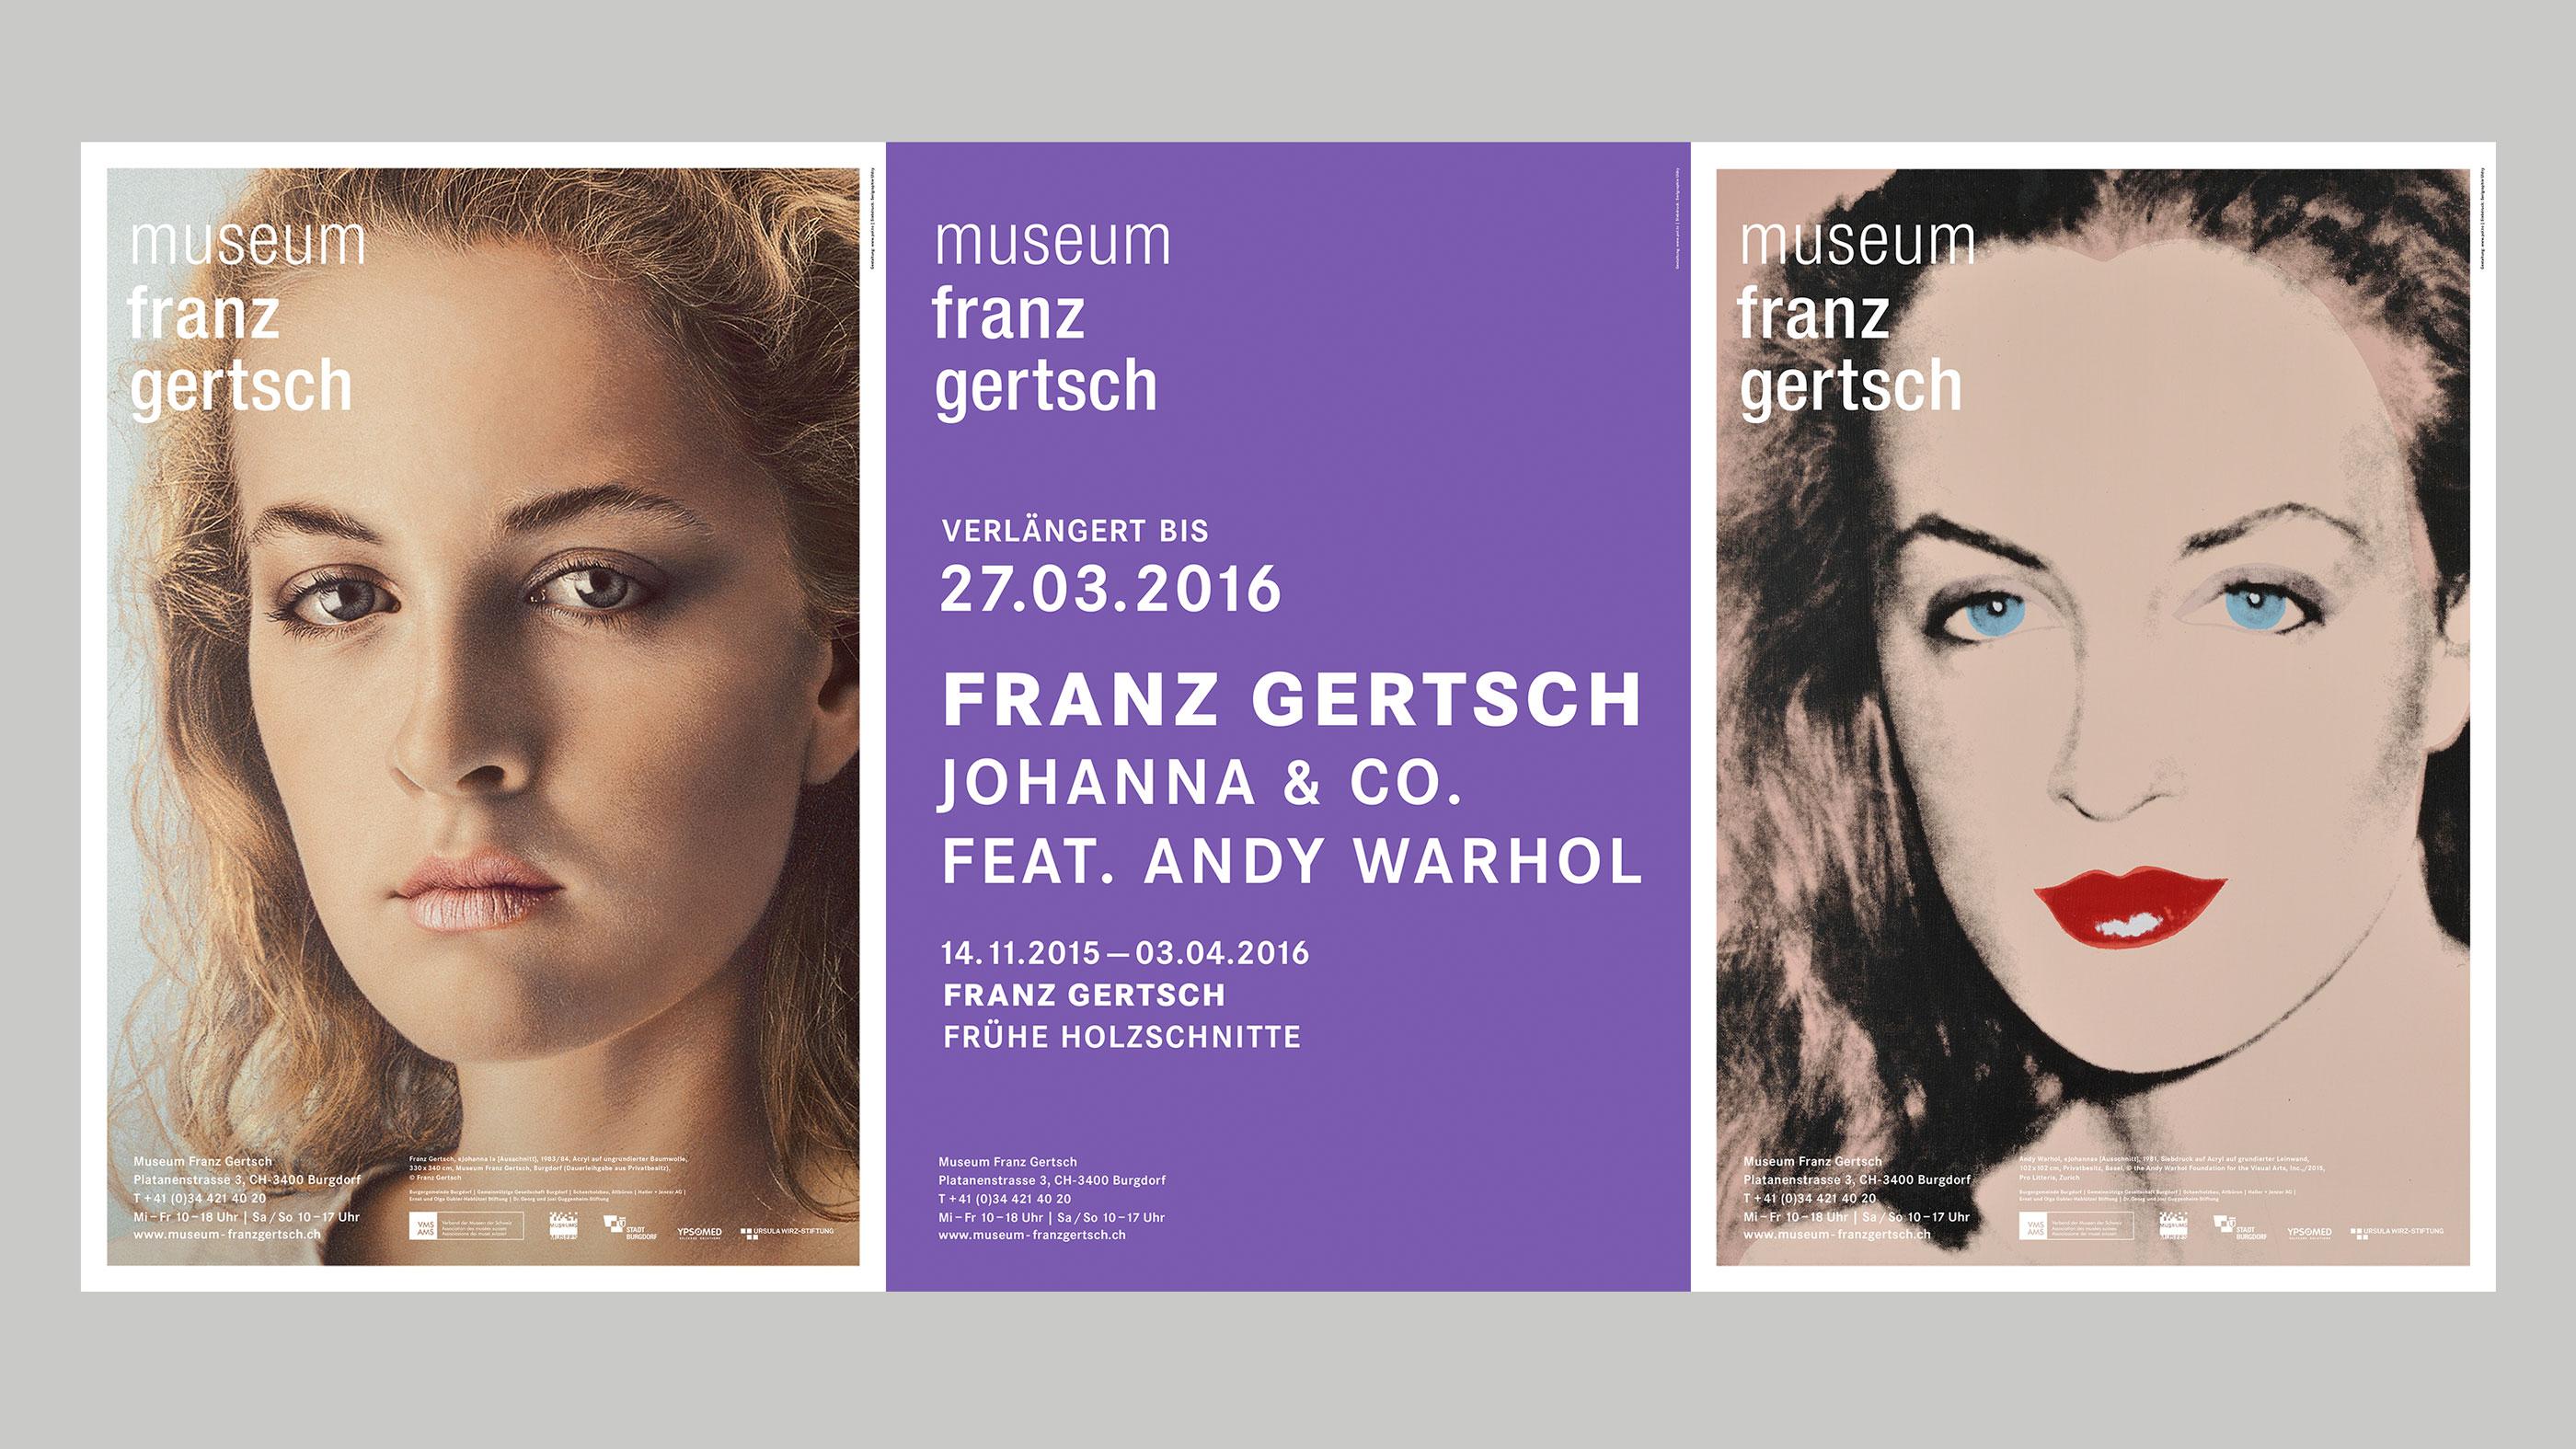 Museum Franz Gertsch – Kommunikation, Poster trio, spring 2015 ©Atelier Pol